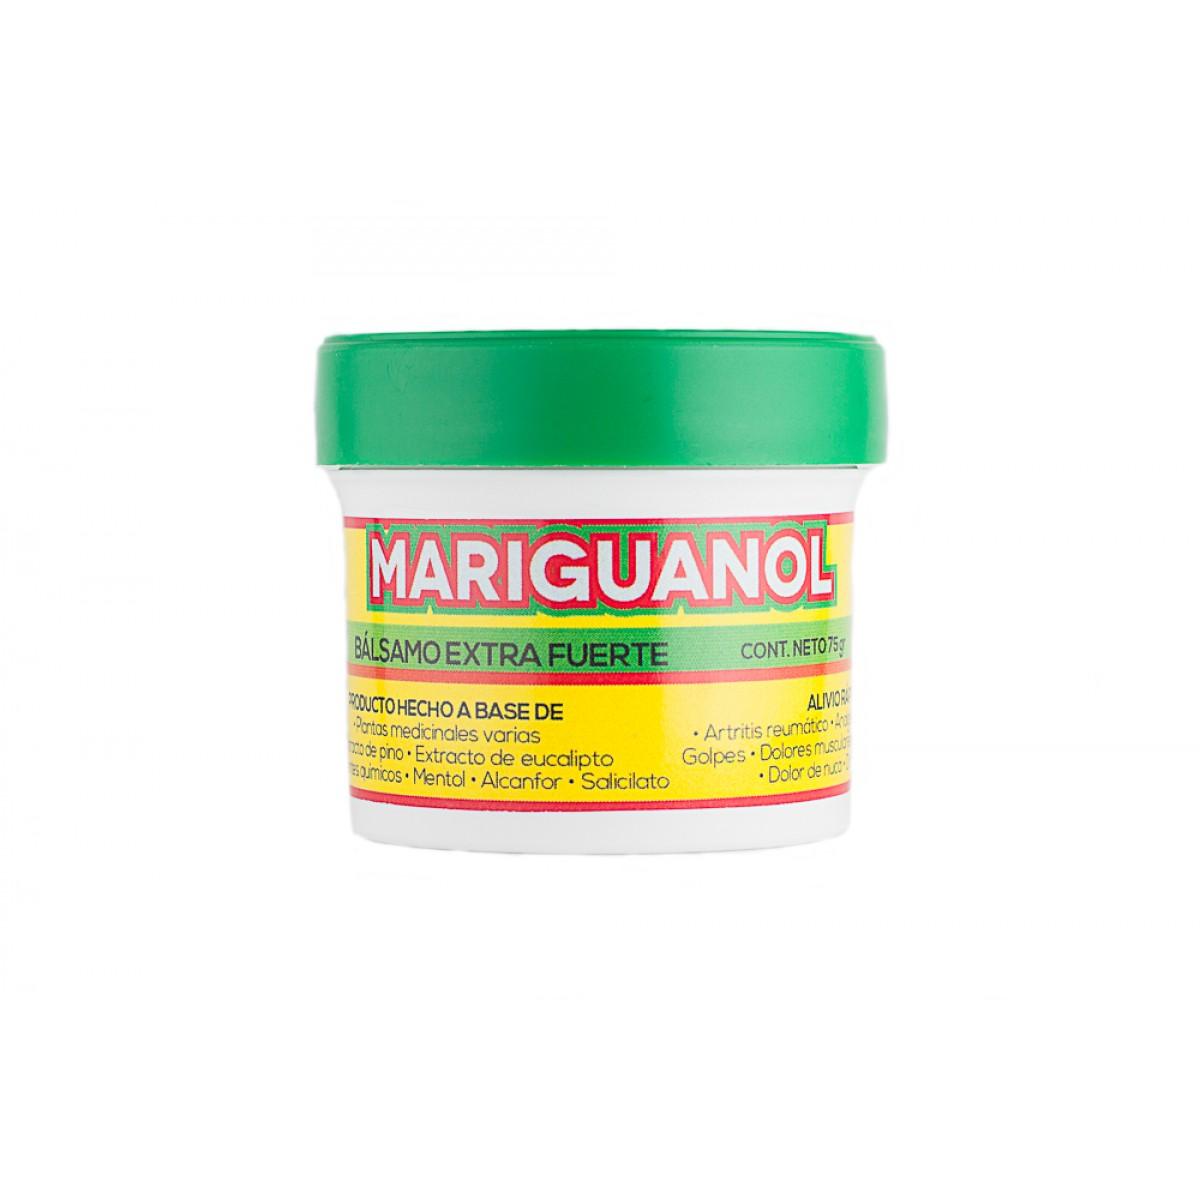 El 'Mariguanol' es un producto no regularizado, elaborado con fórmulas indígenas, y es muy conocido en la república Mexicana (Mialcachofivida)